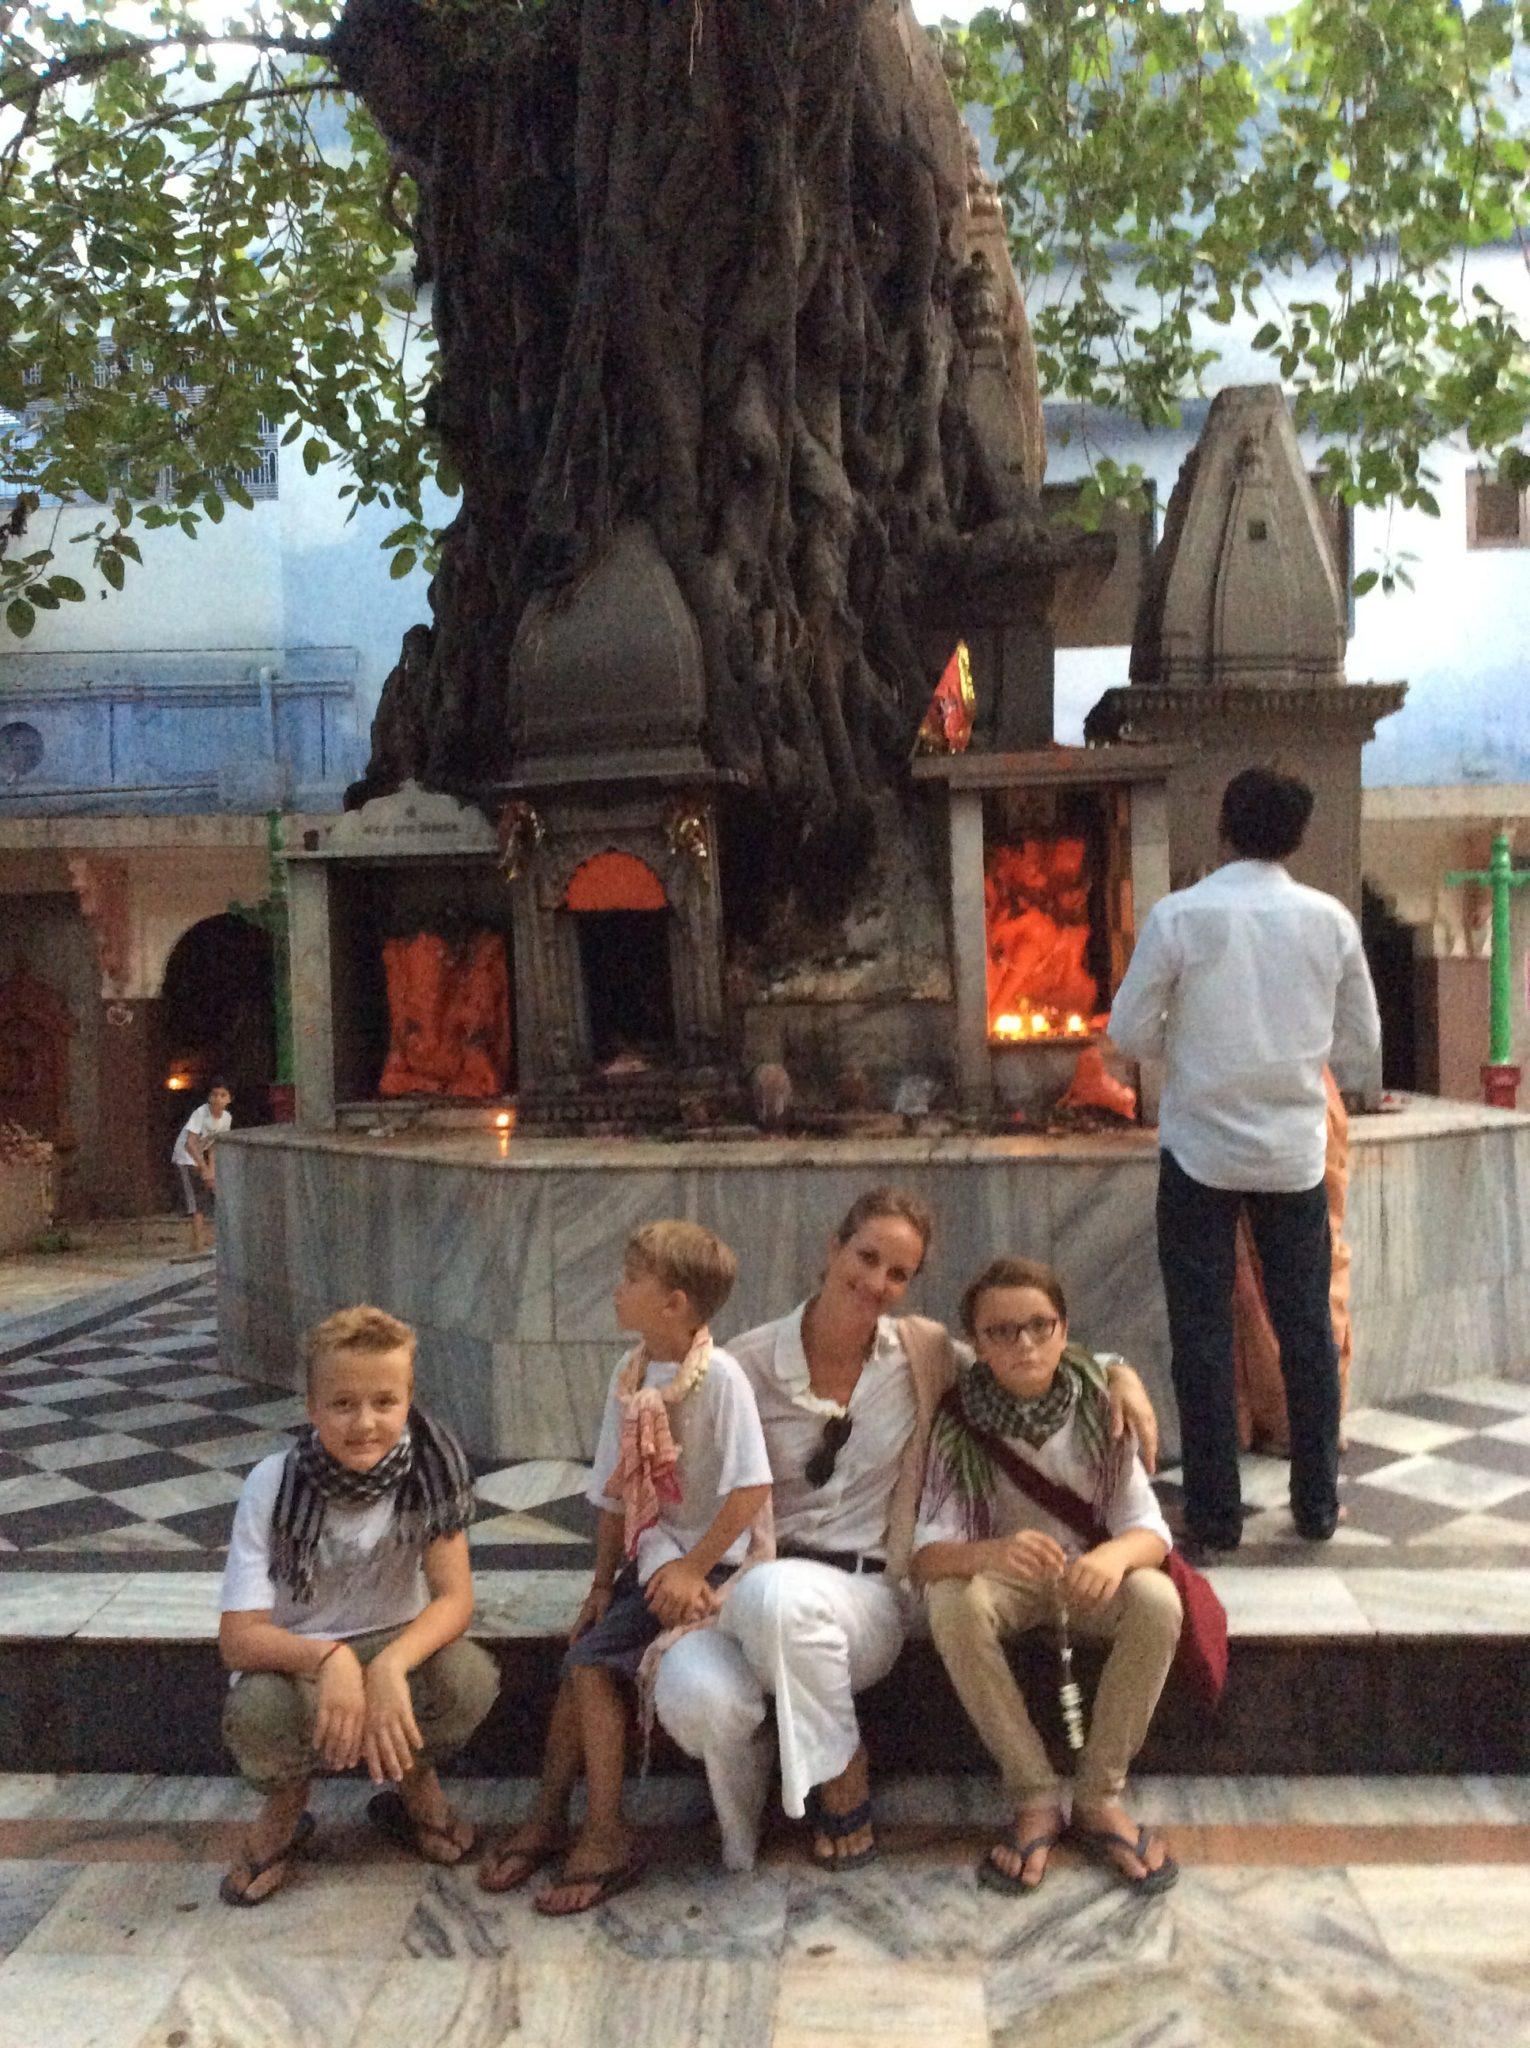 600 Jahre ist dieser Bodhi-Baum! Sagt man.